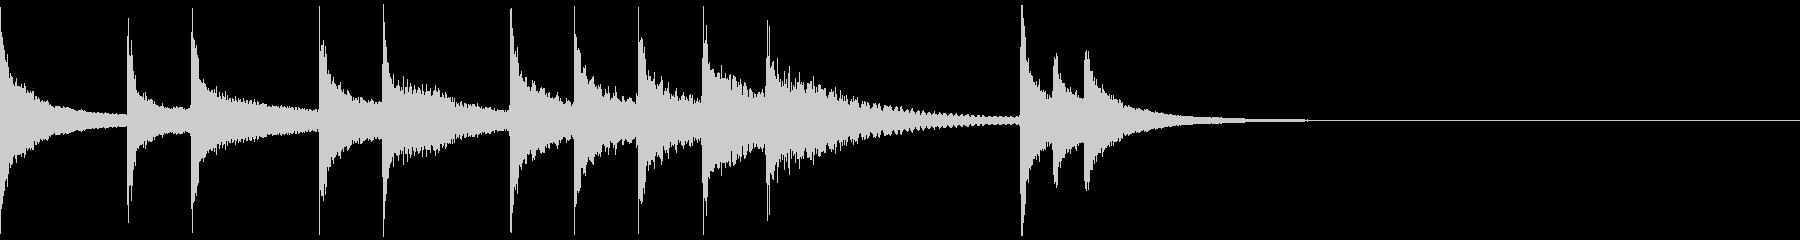 ほのぼのとしたジングル:3の未再生の波形